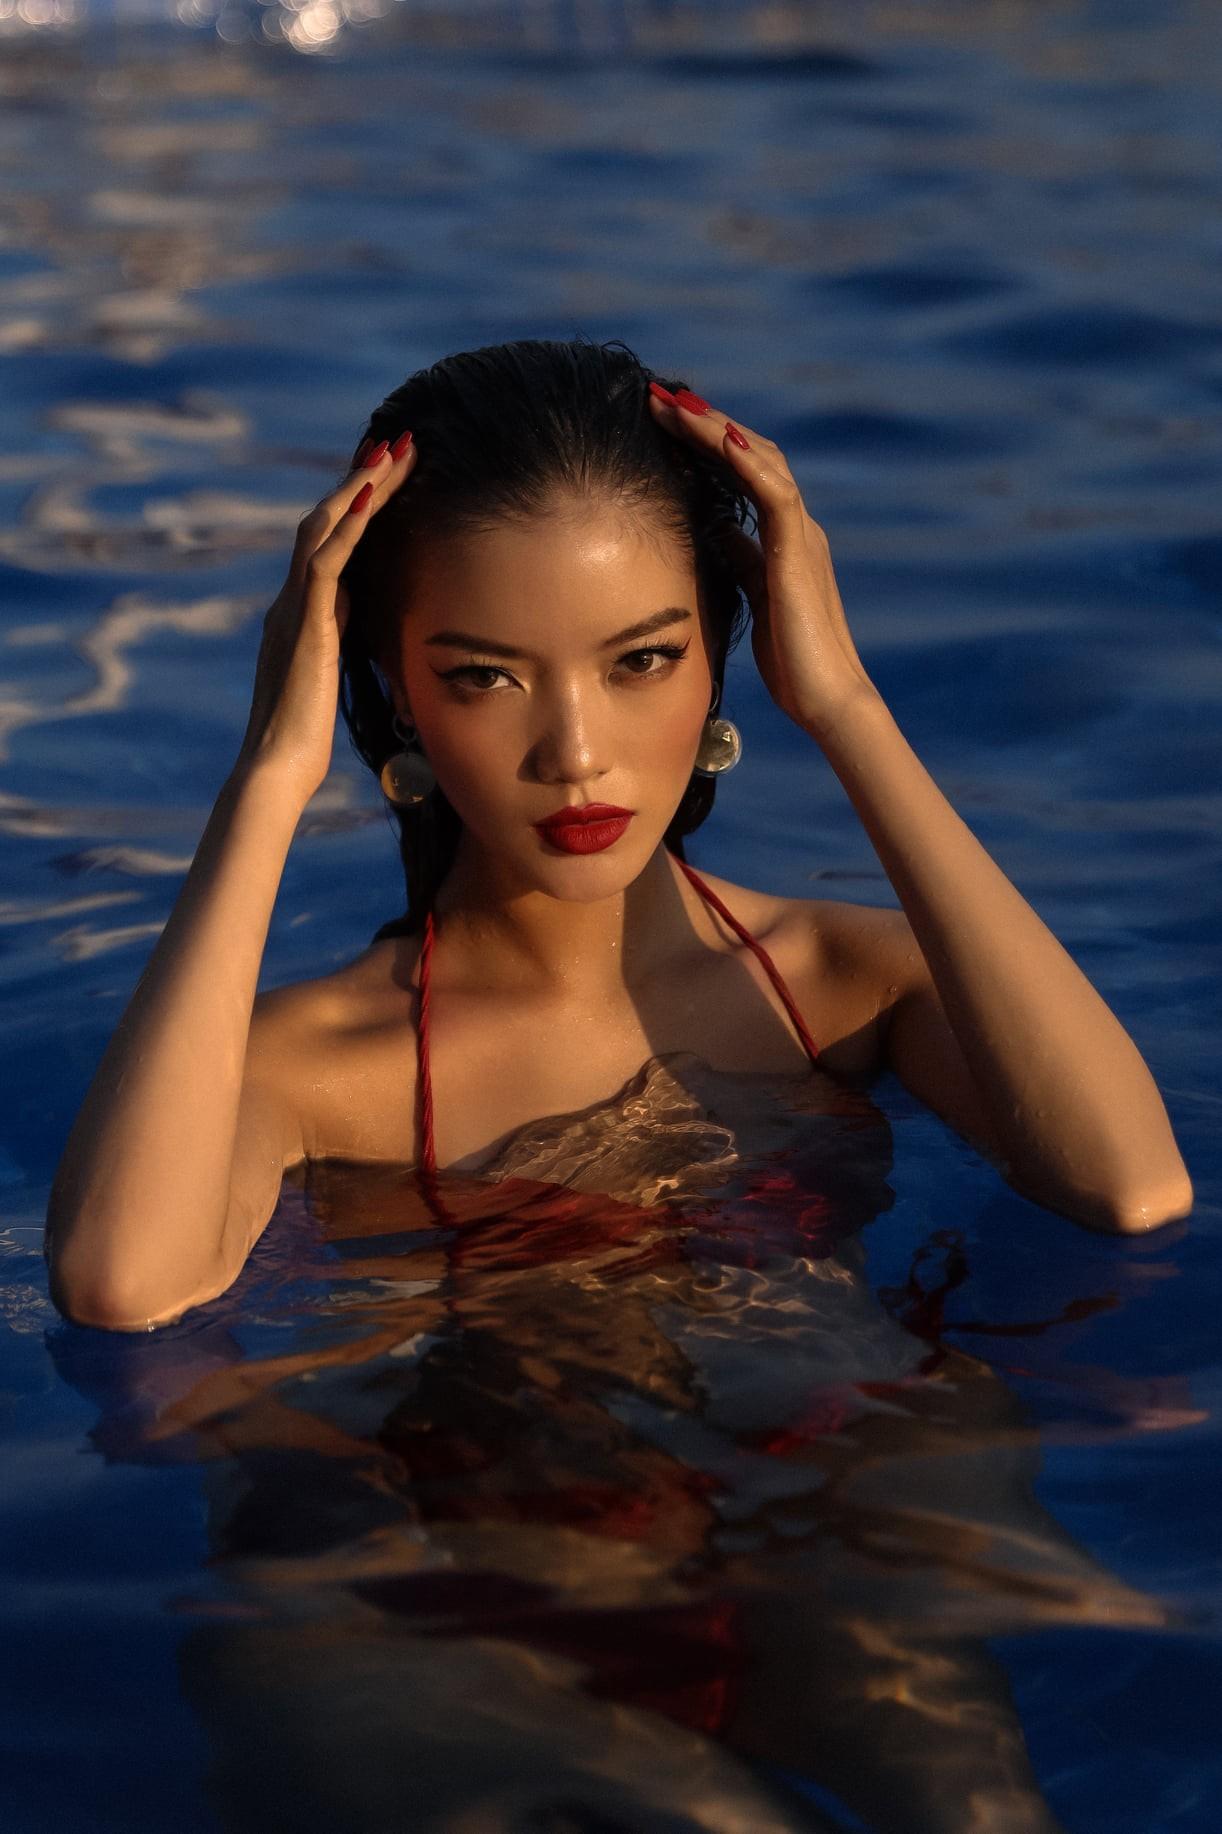 Người đẹp miền Tây của HHVN 2018 Lâm Bích Tuyền khoe dáng nóng bỏng với bikini ảnh 2